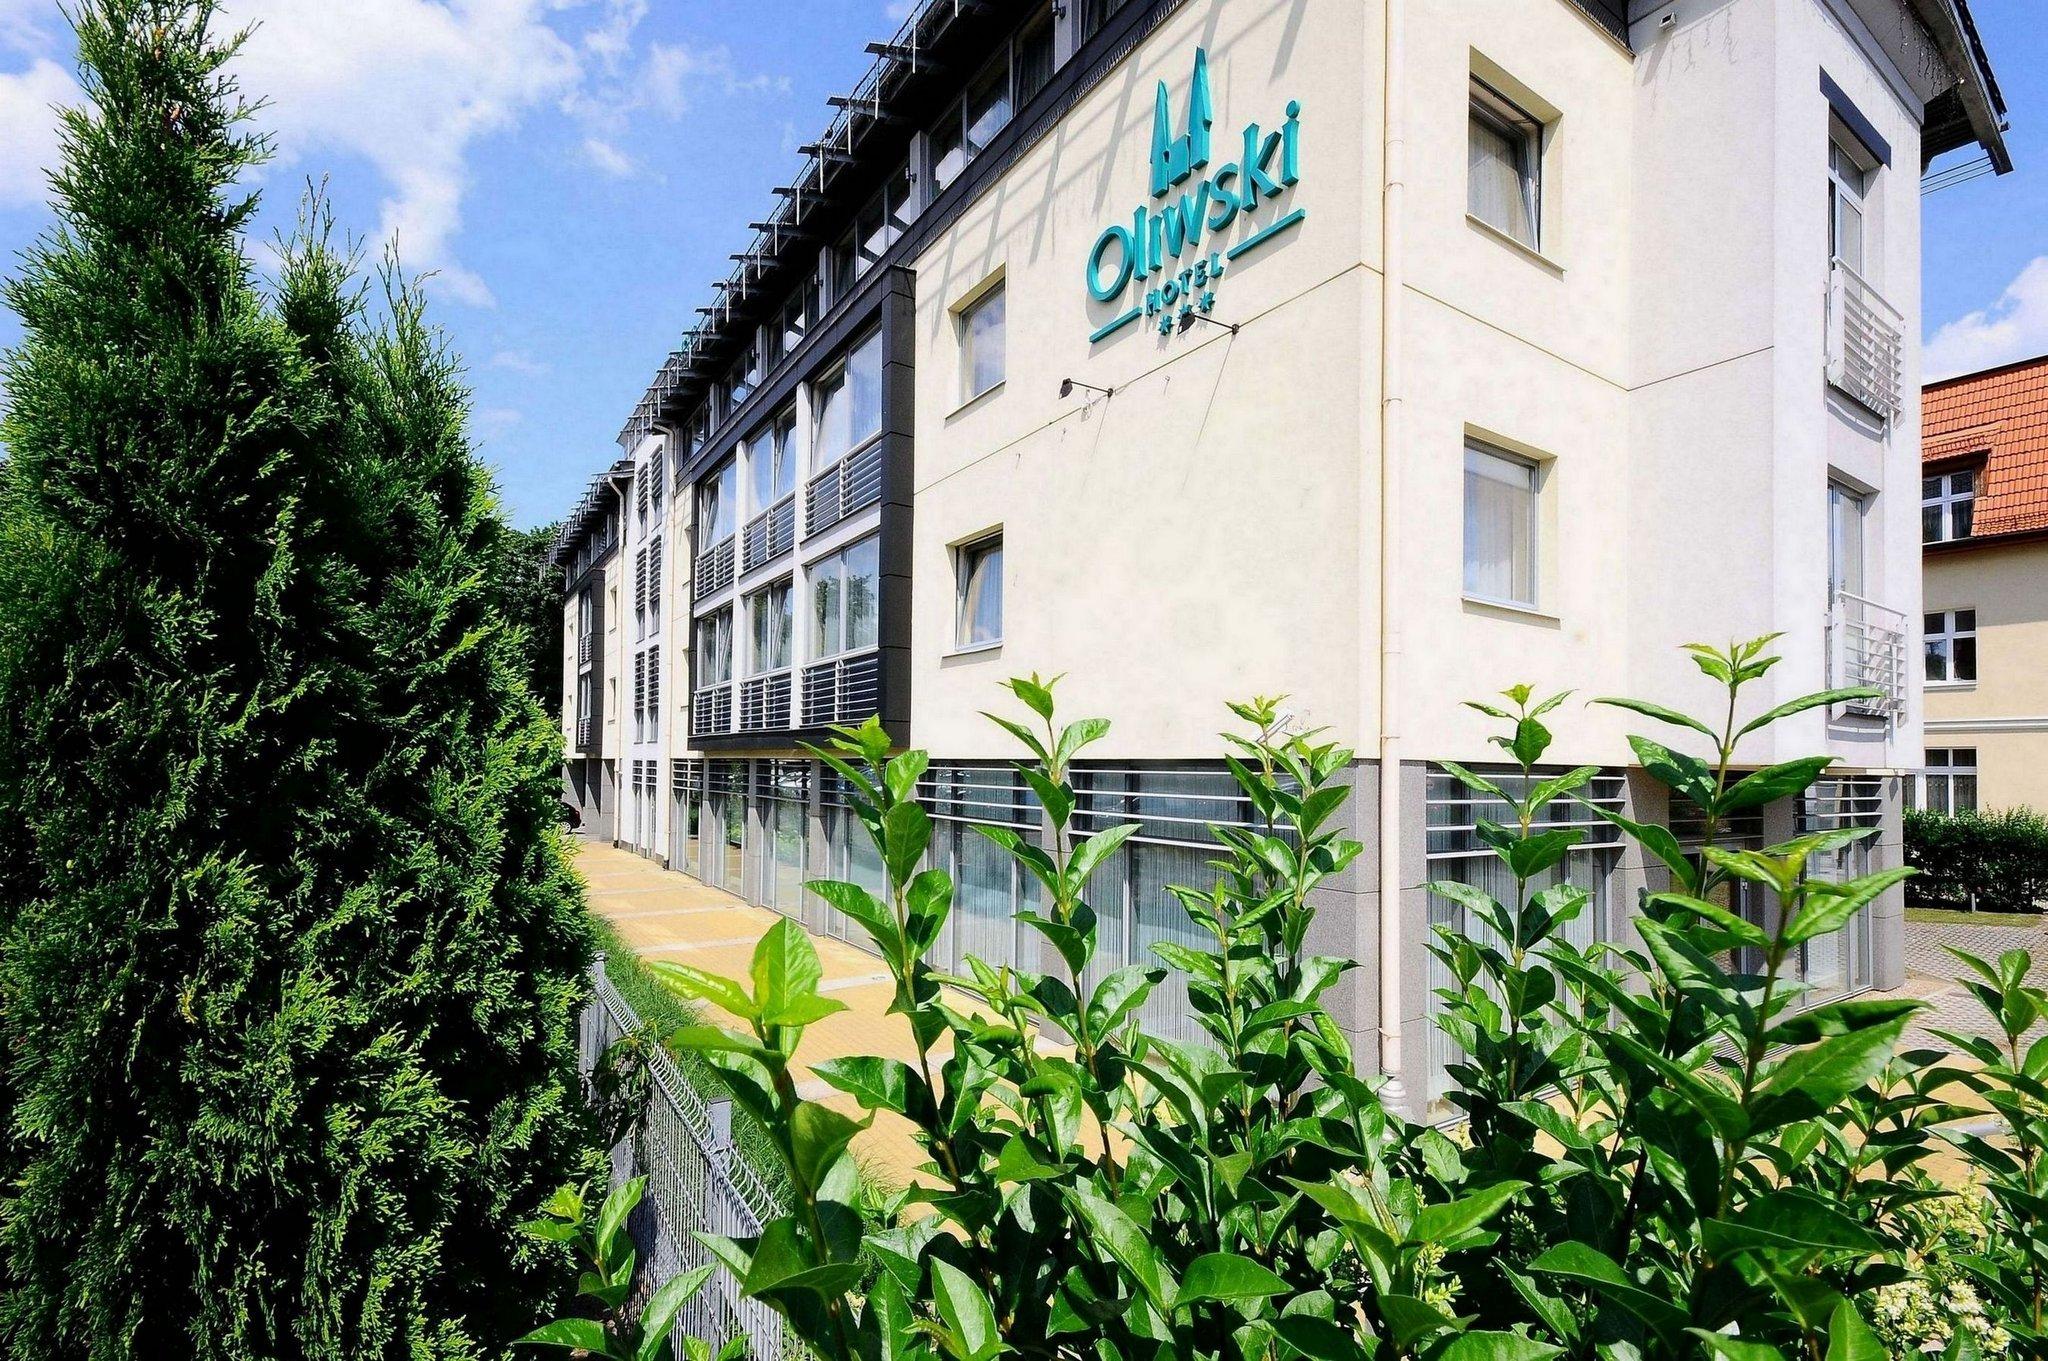 Hotel Oliwski